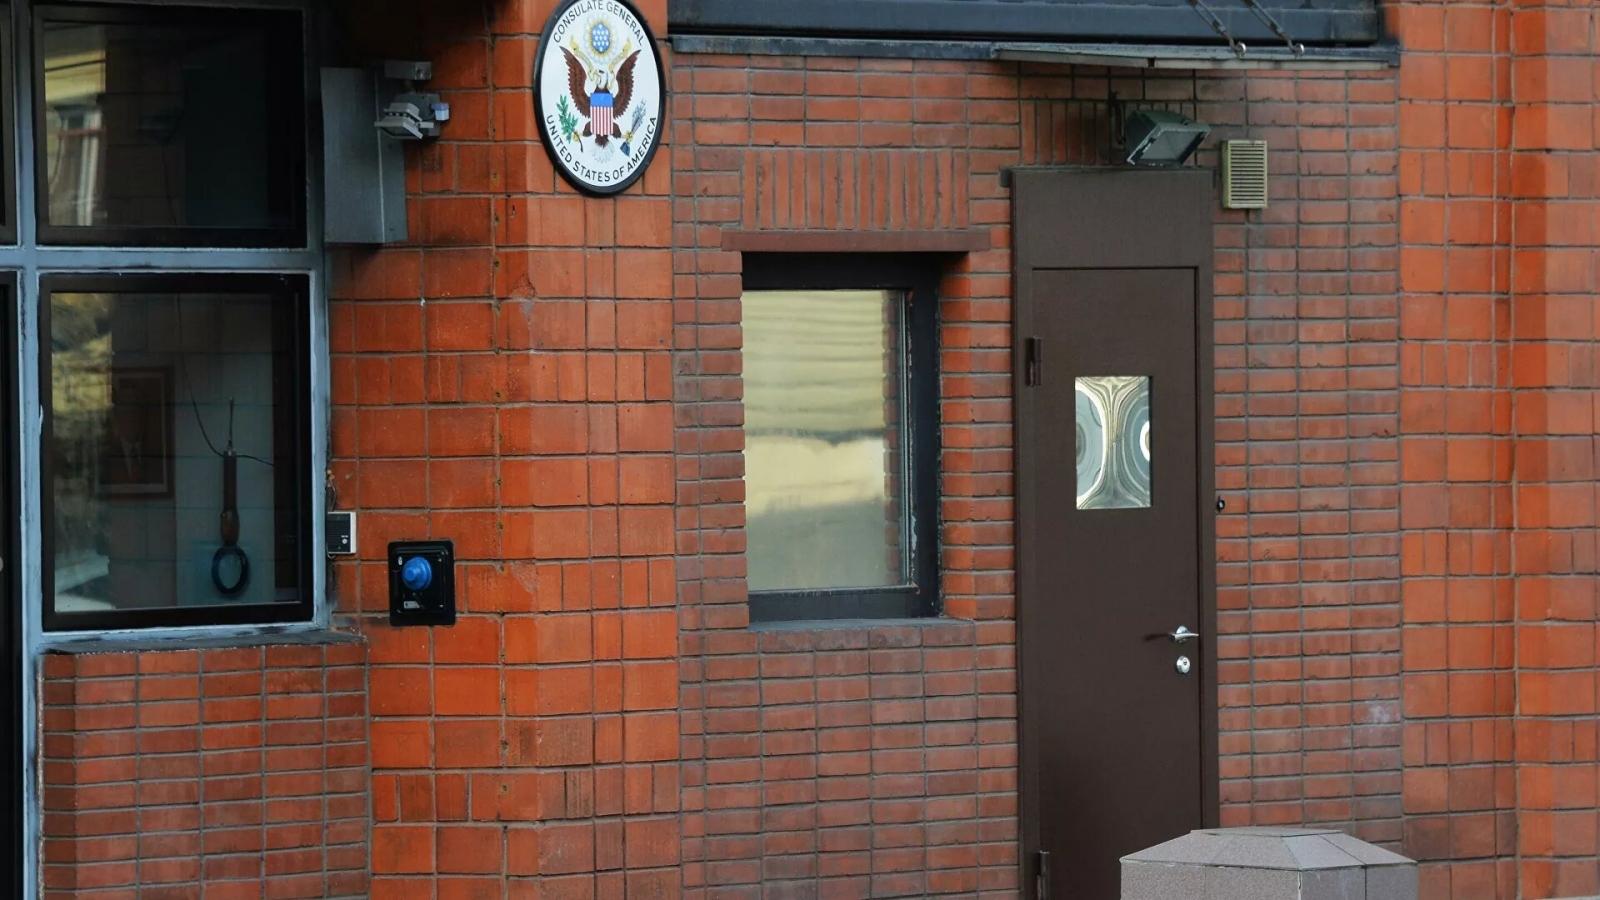 Dư luận Nga phản đối Mỹ đóng cửa hai cơ quan đại diện ngoại giao ở nước này